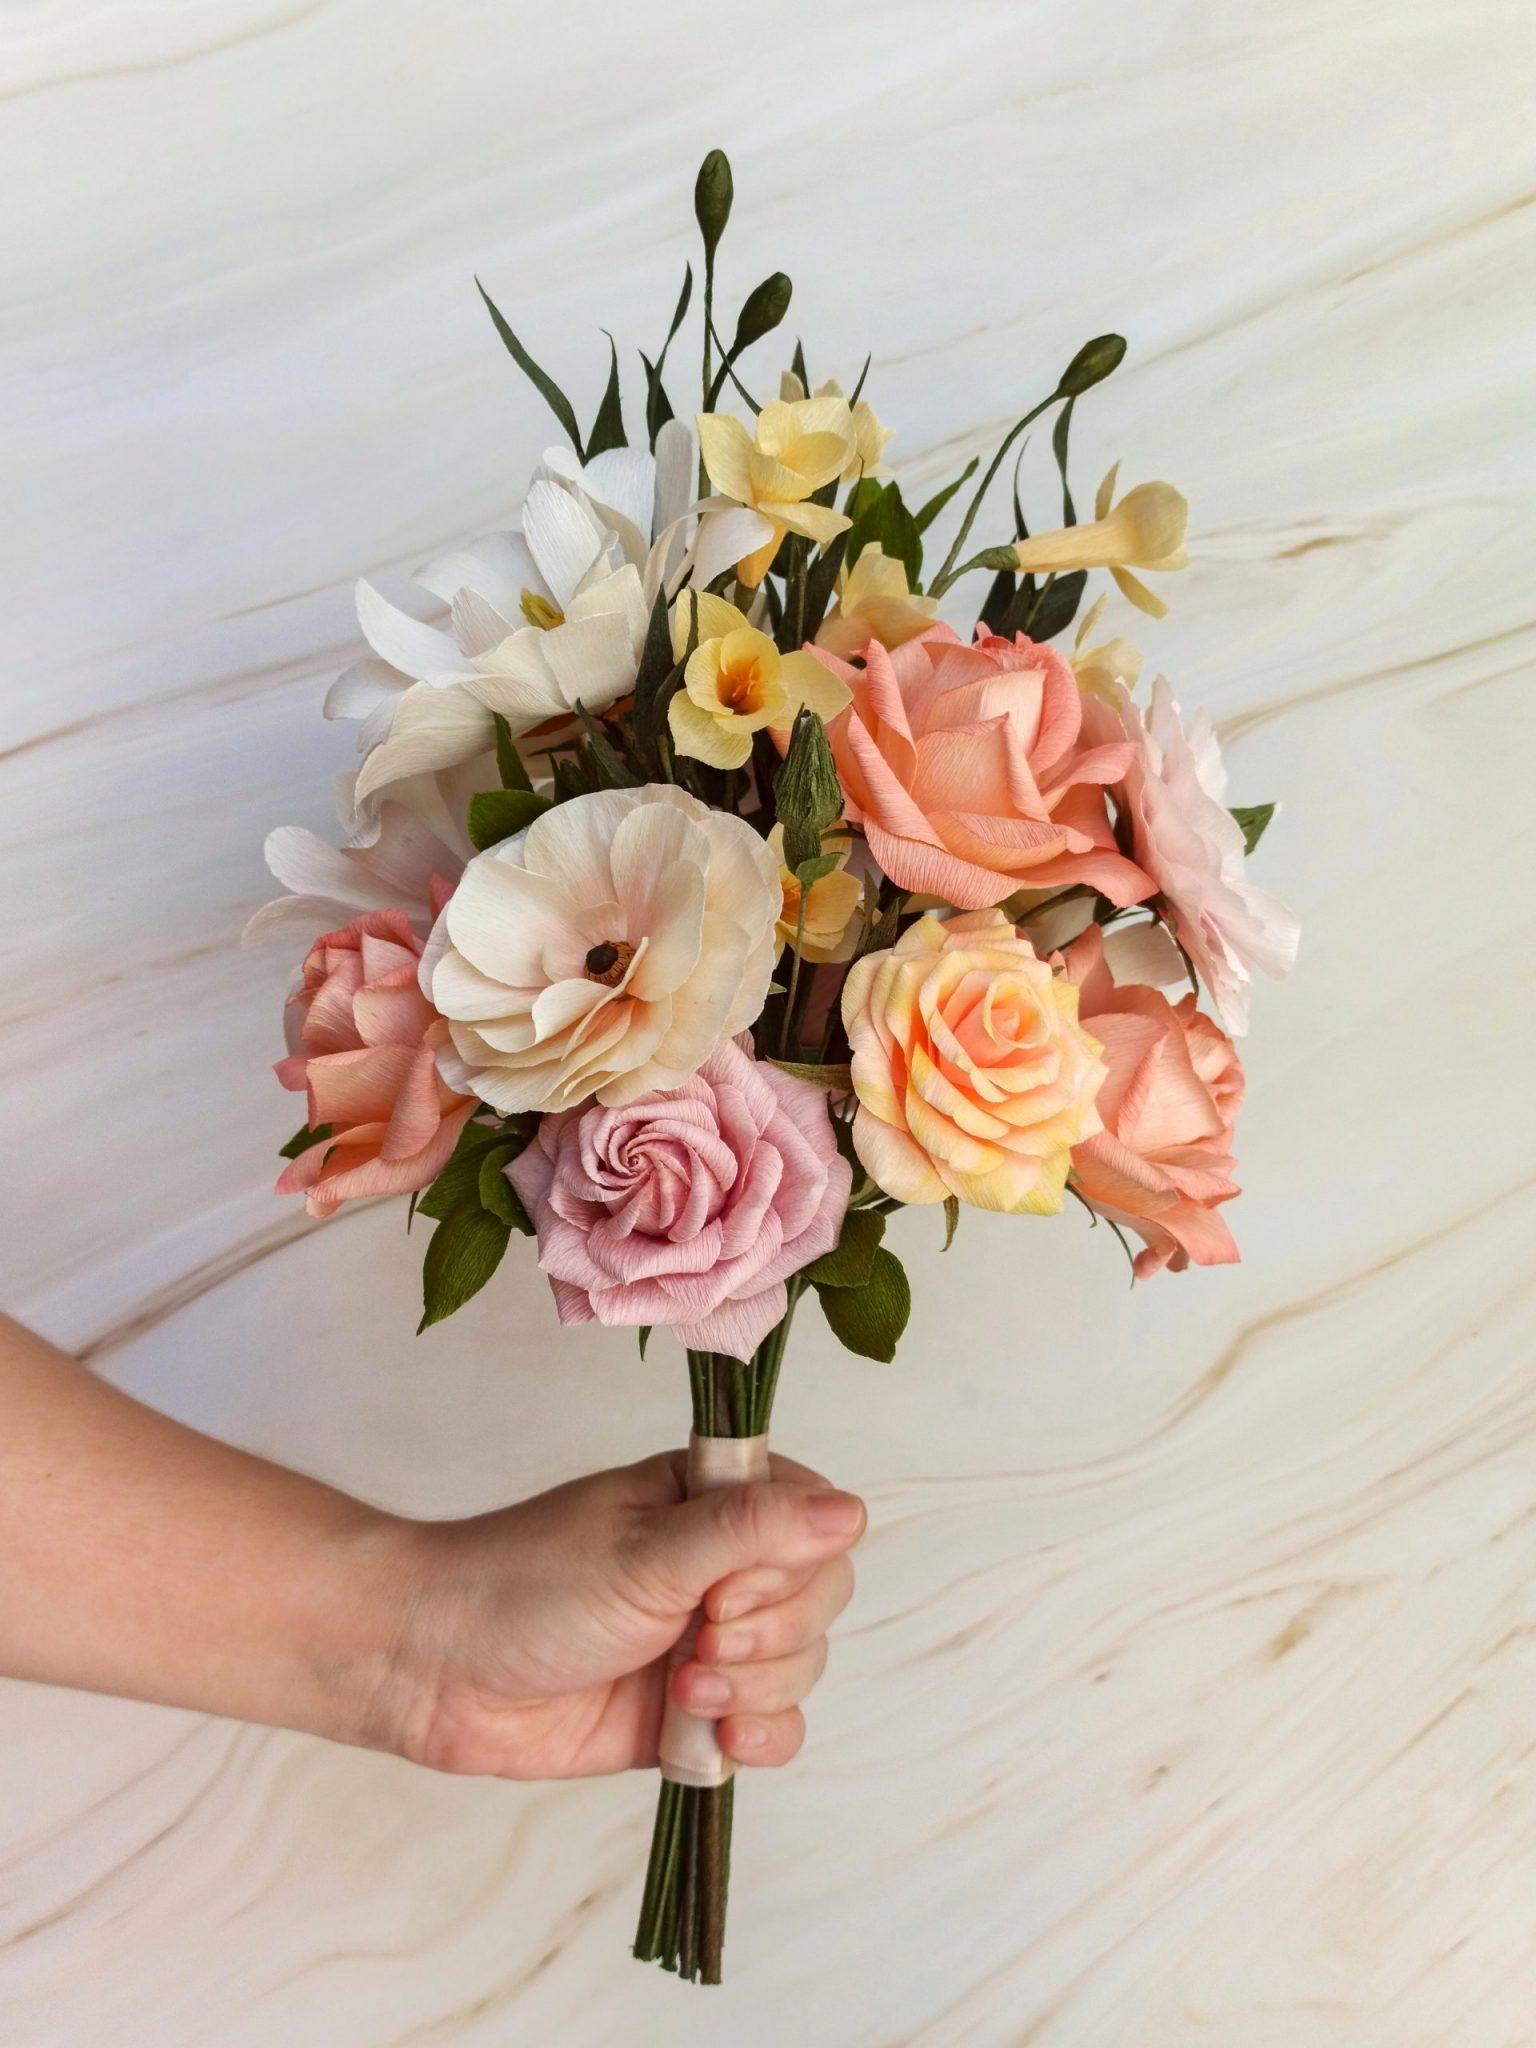 ramo de flores de papel crepé, ramo de novia de papel, ramo alternativo con flores realistas artificiales de papel